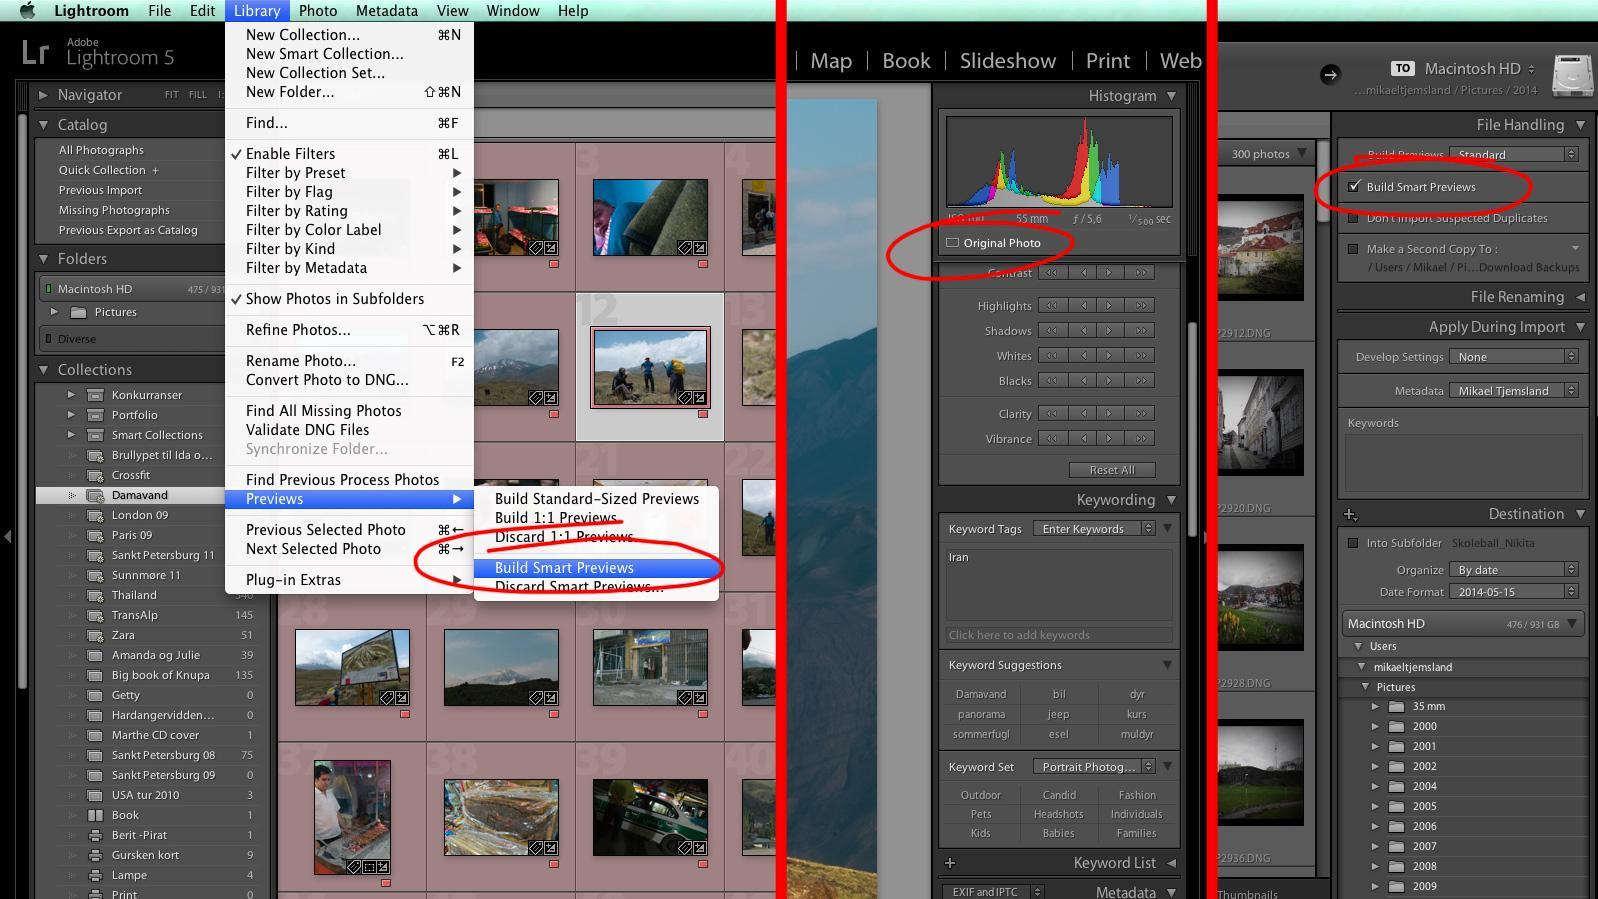 3 veier til Smart Previews. Via menyen under Library, ved å klikke på ikonet under histogrammet, eller ved import.